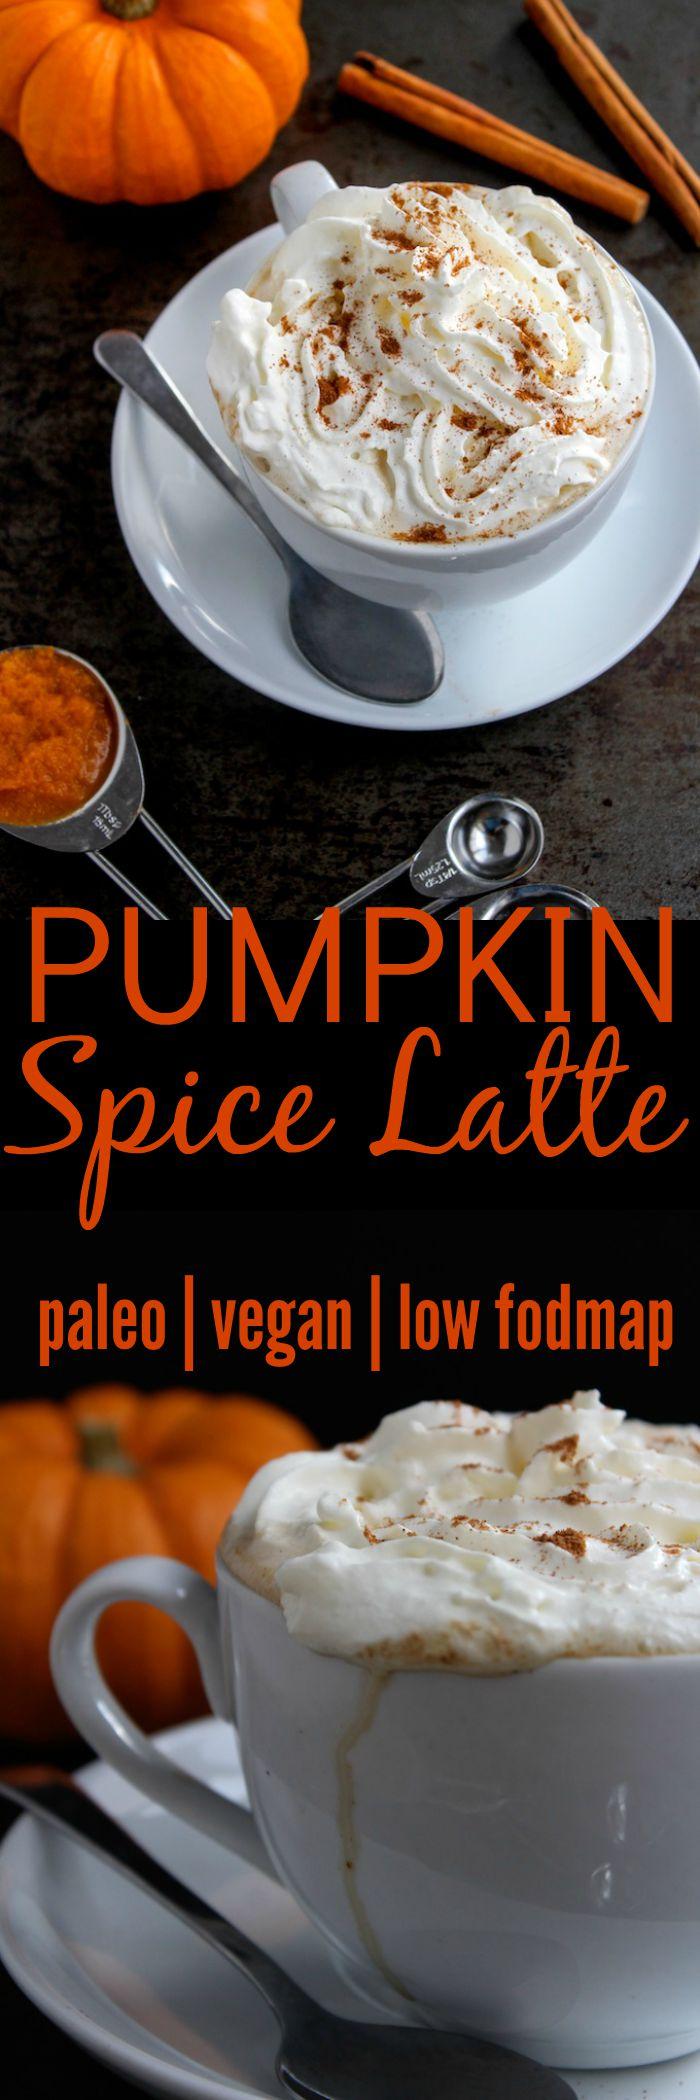 Dairy Free Pumpkin Spice Latte www.asaucykitchen.com